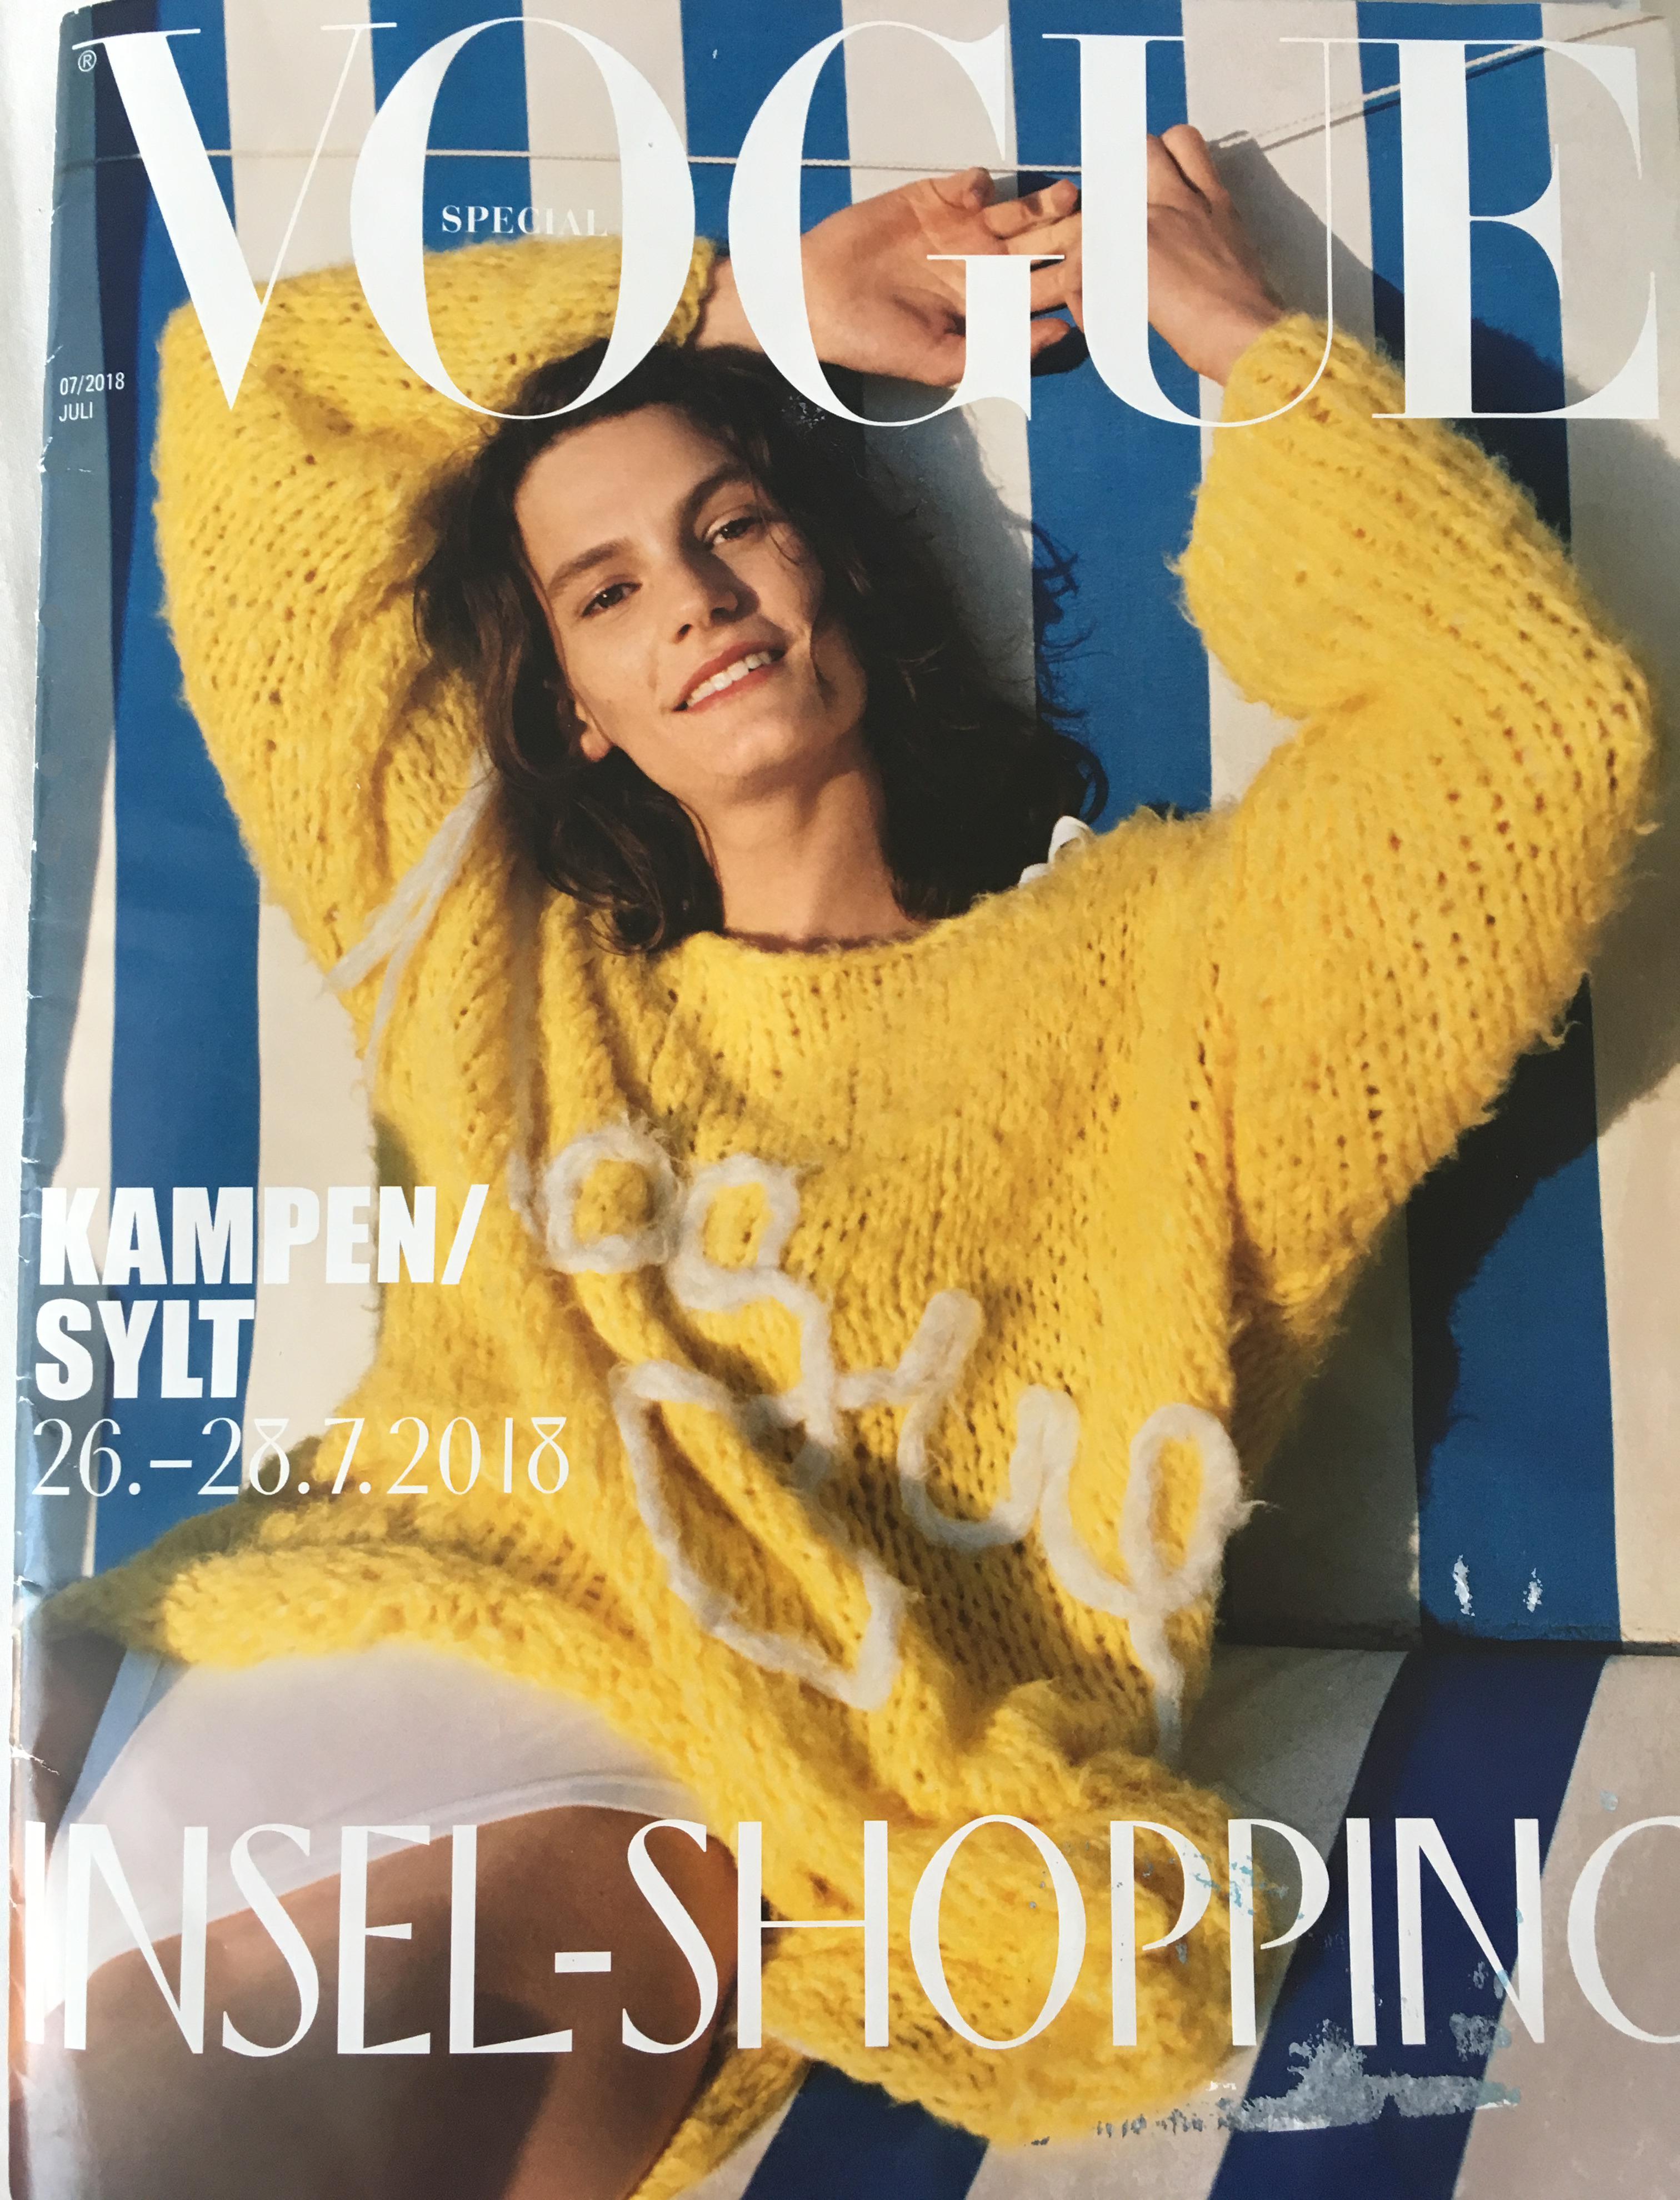 Vogue_Special 7/2018